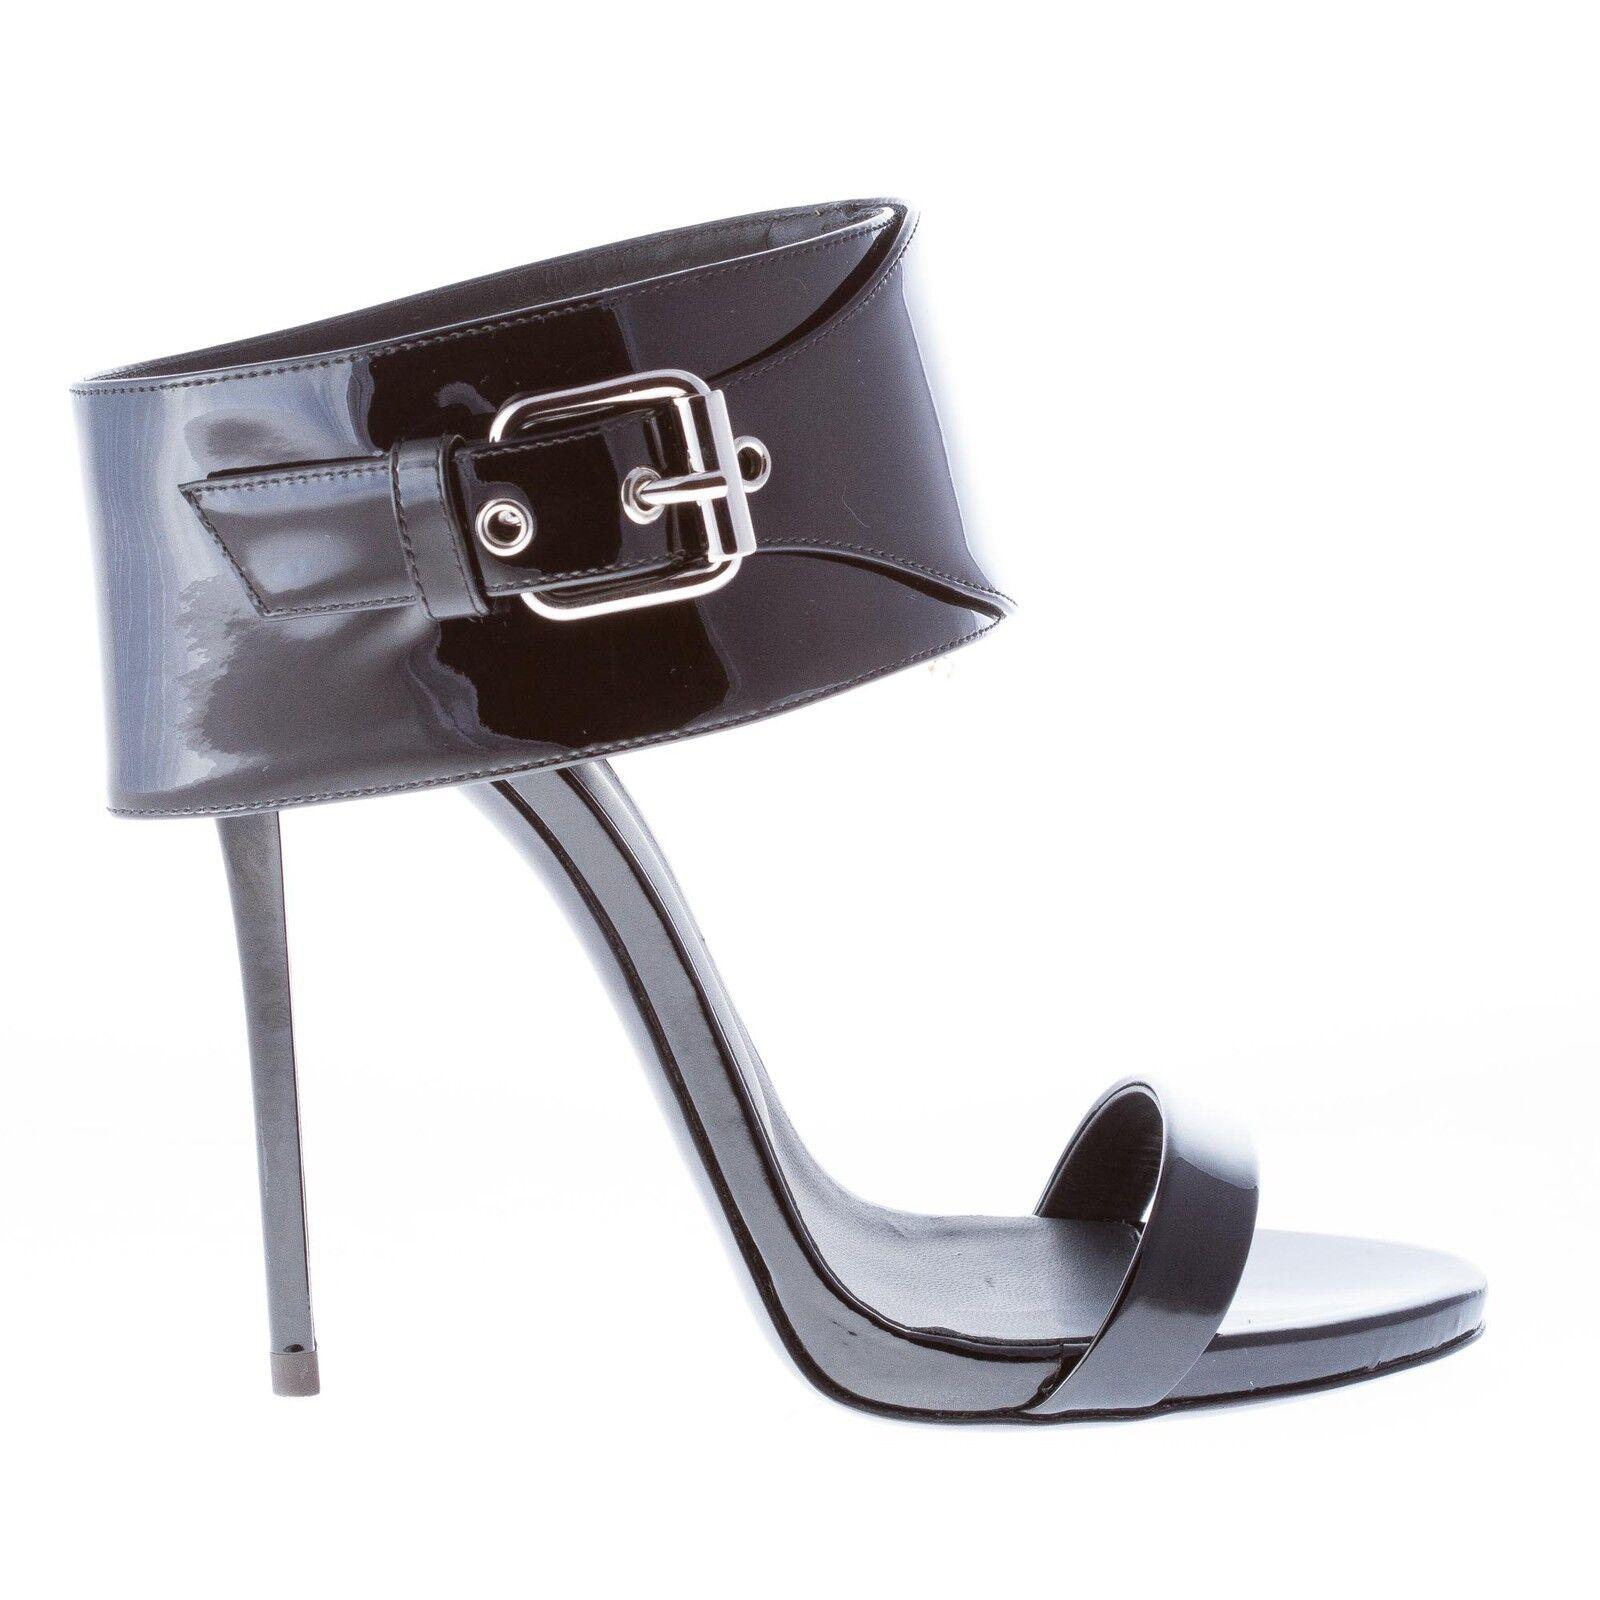 GIUSEPPE ZANOTTI DESIGN scarpe donna sandalo vernice nera fascia alla caviglia